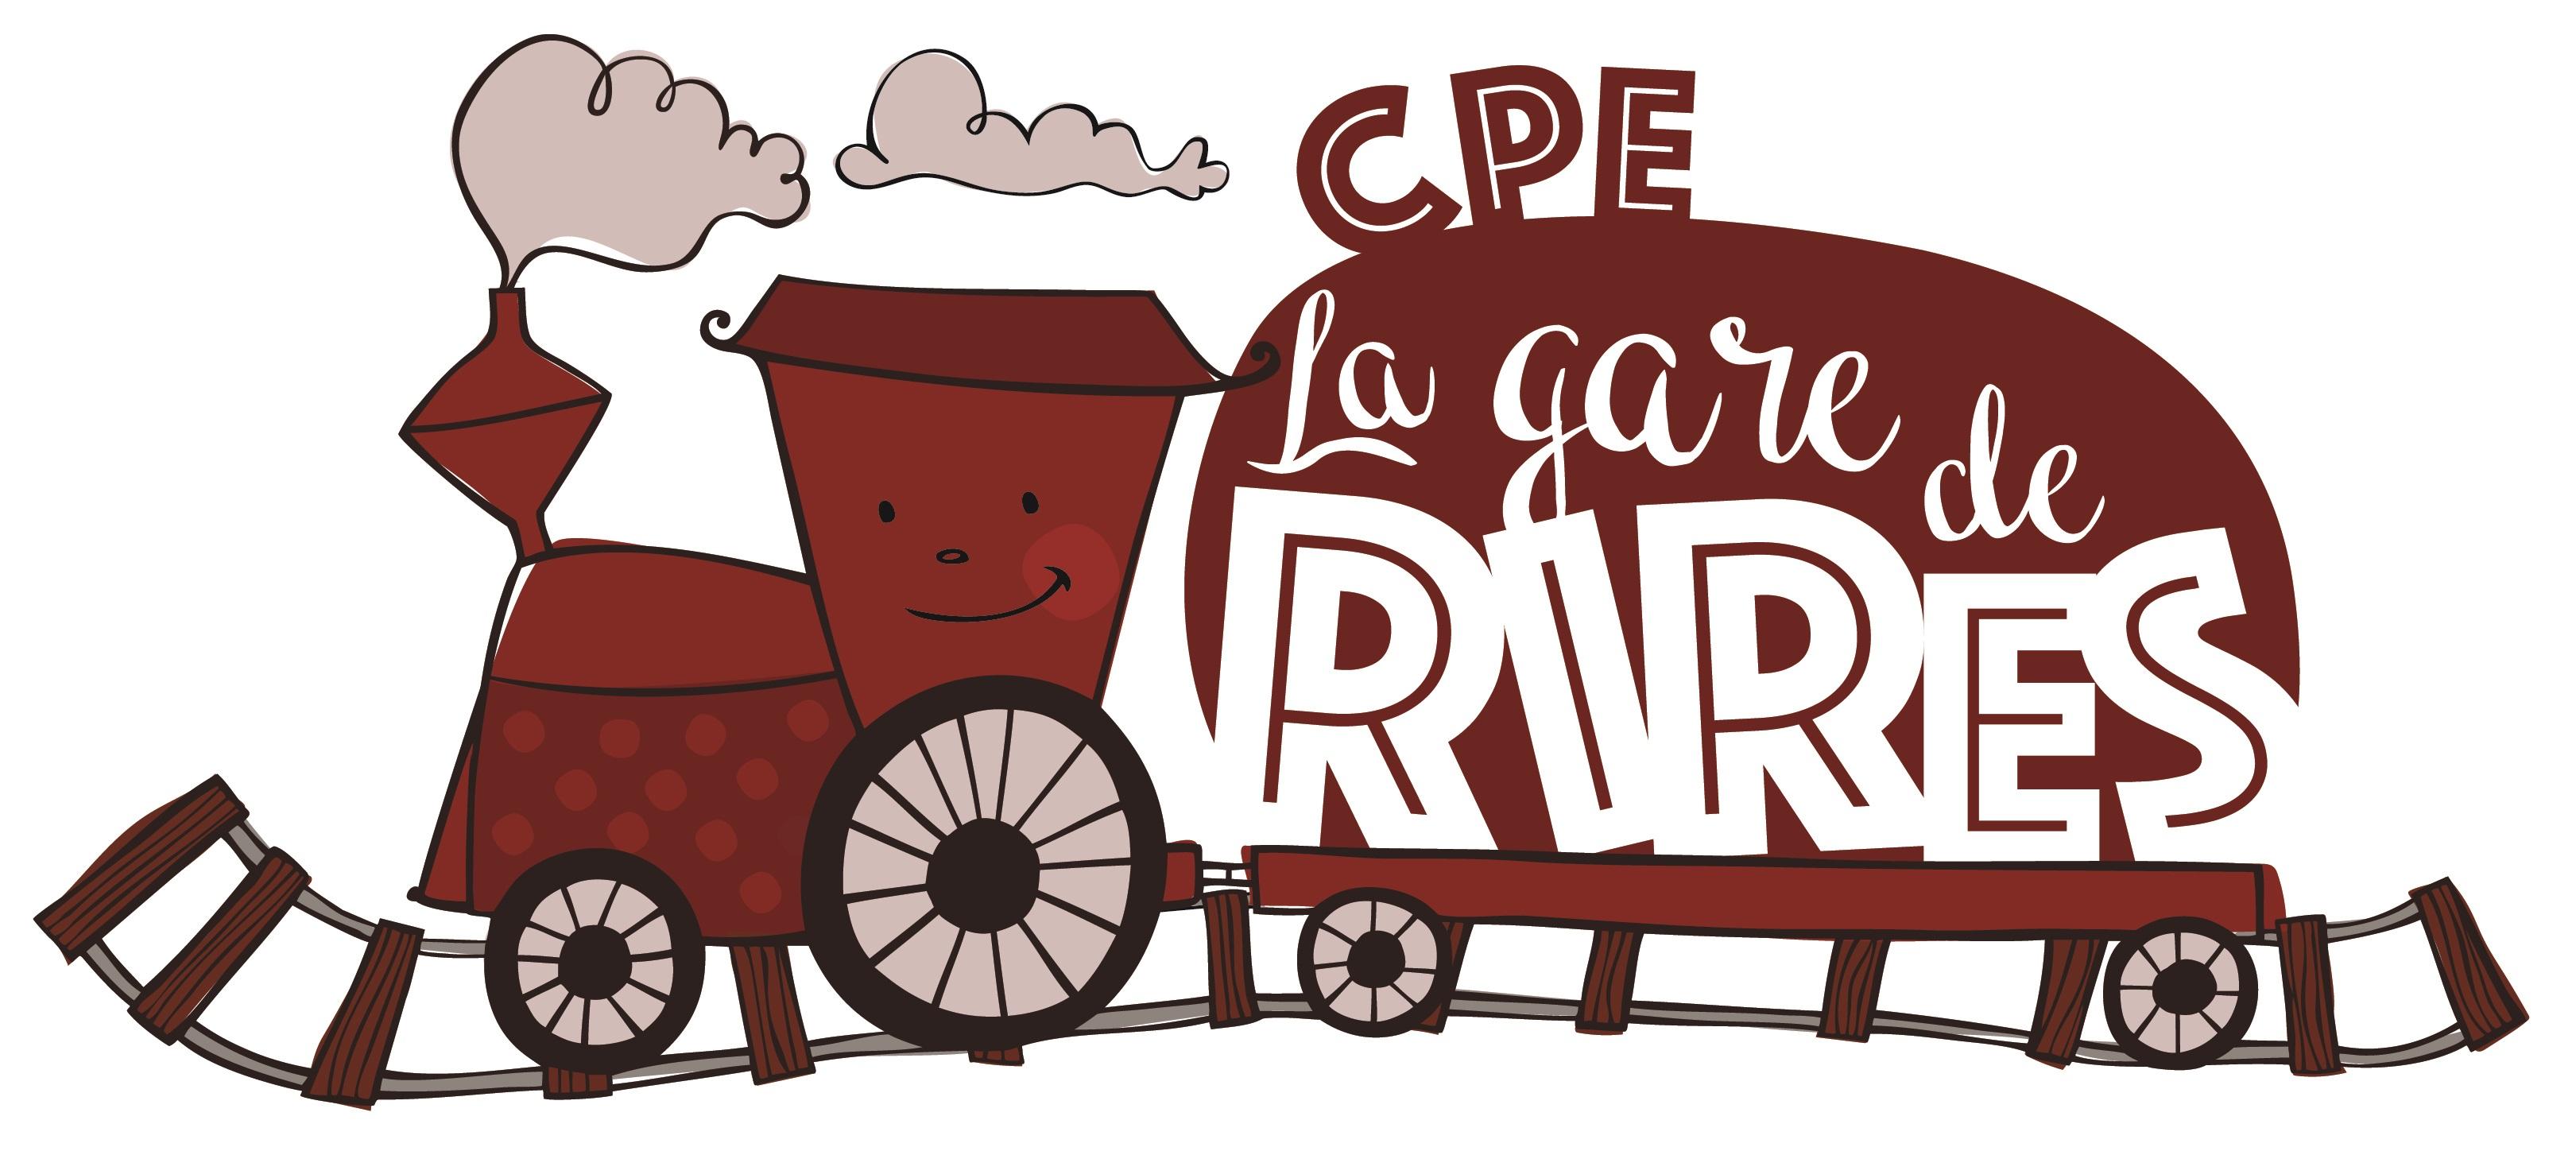 Cpe La Gare De Rires